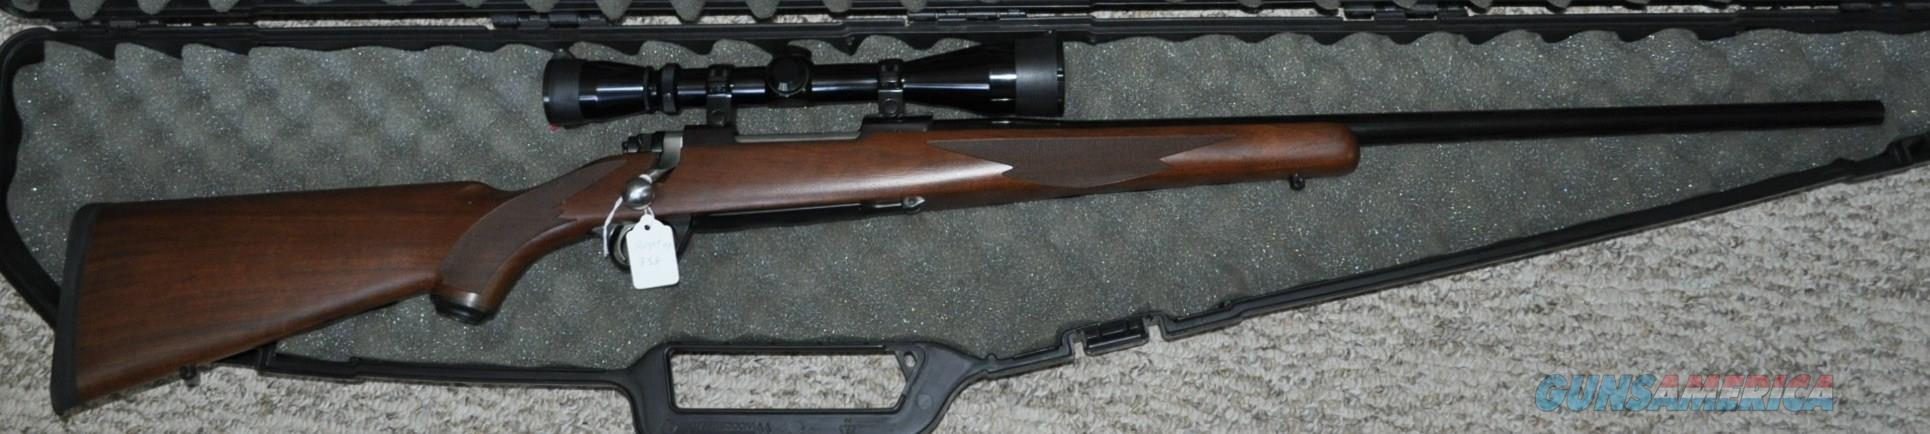 .338 Ruger Model 77 Mark II  Guns > Rifles > Ruger Rifles > Model 77